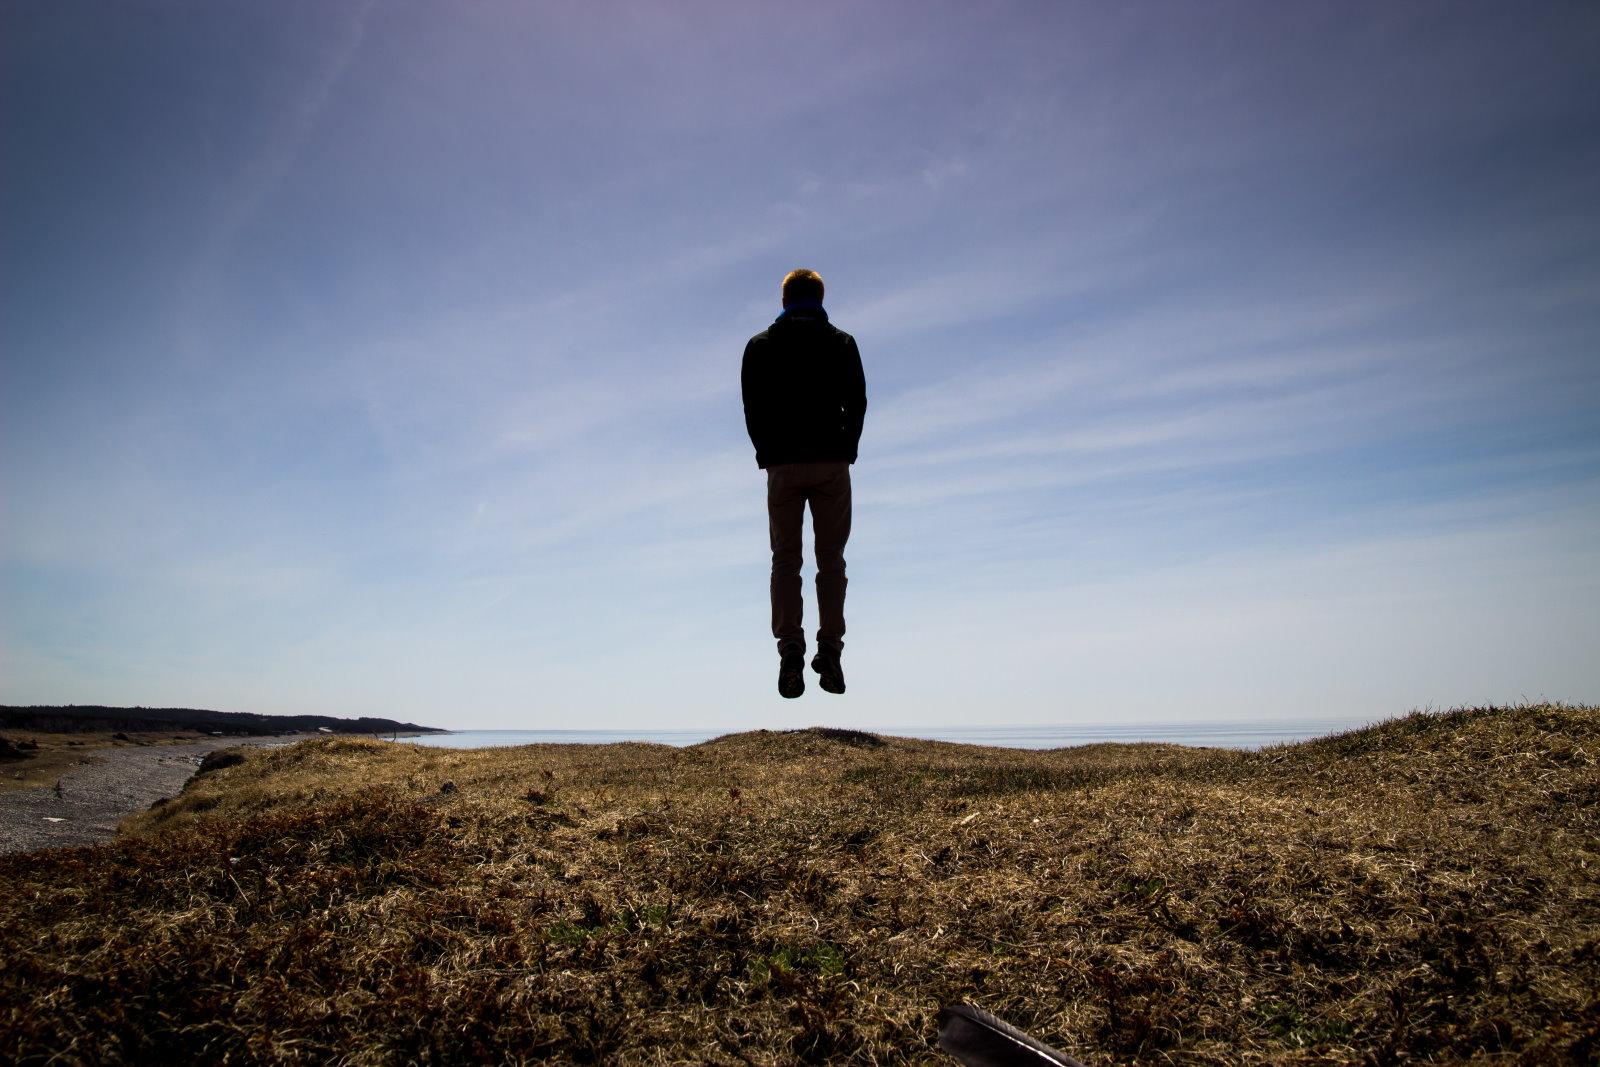 Jak dodać sobie wzrostu? 6 optyczno-modowych trików